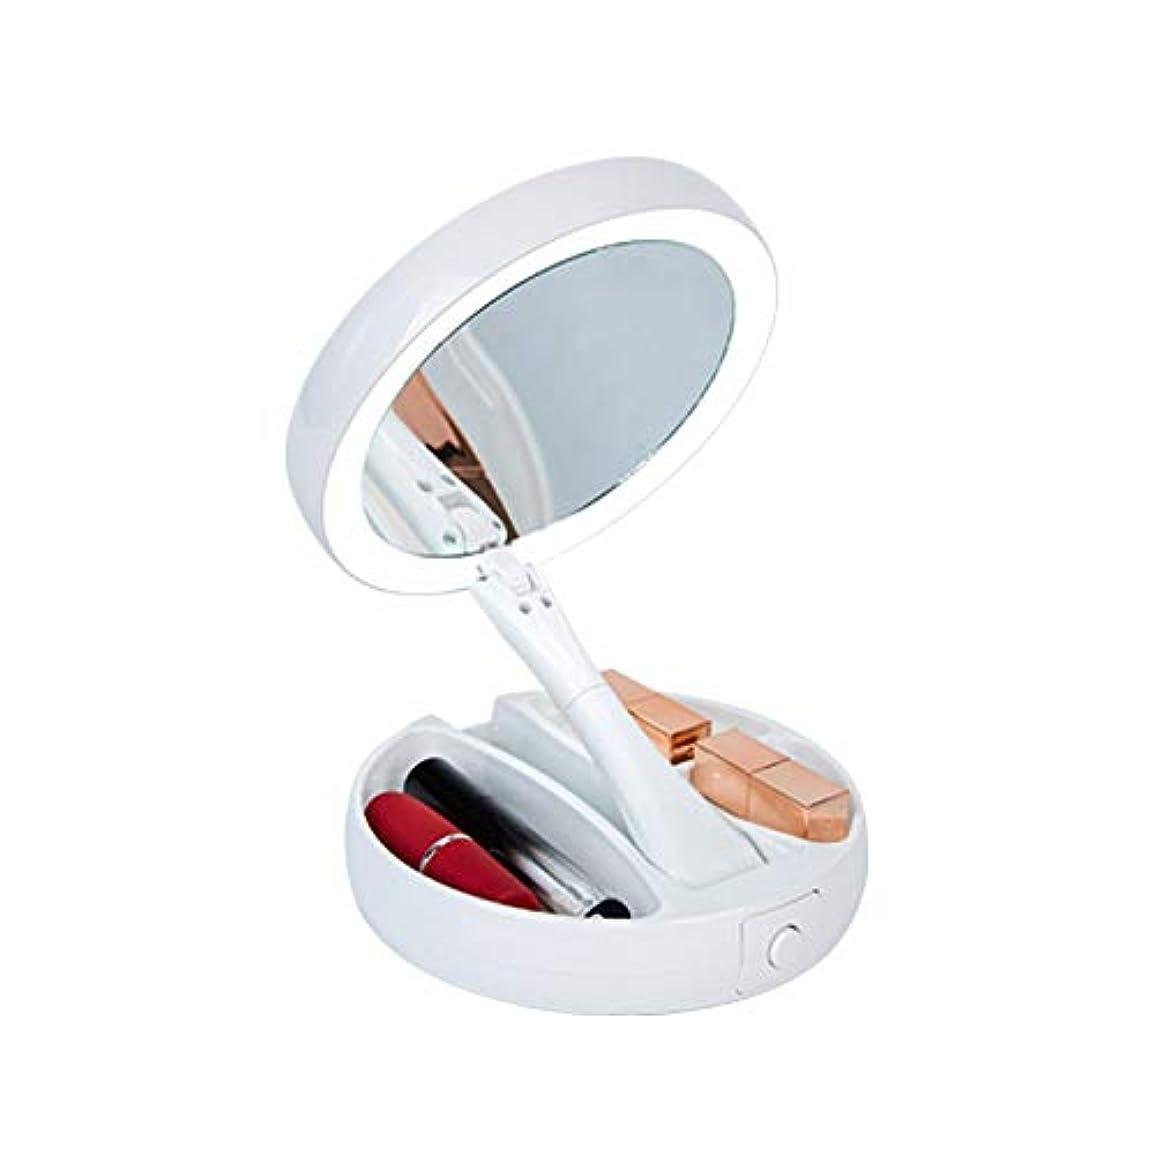 輸送思い出領域化粧鏡 等倍鏡 LED卓上化粧鏡 1X10倍拡大鏡+ メイクミラー 両面型 360度回転式 USBか電池を使って